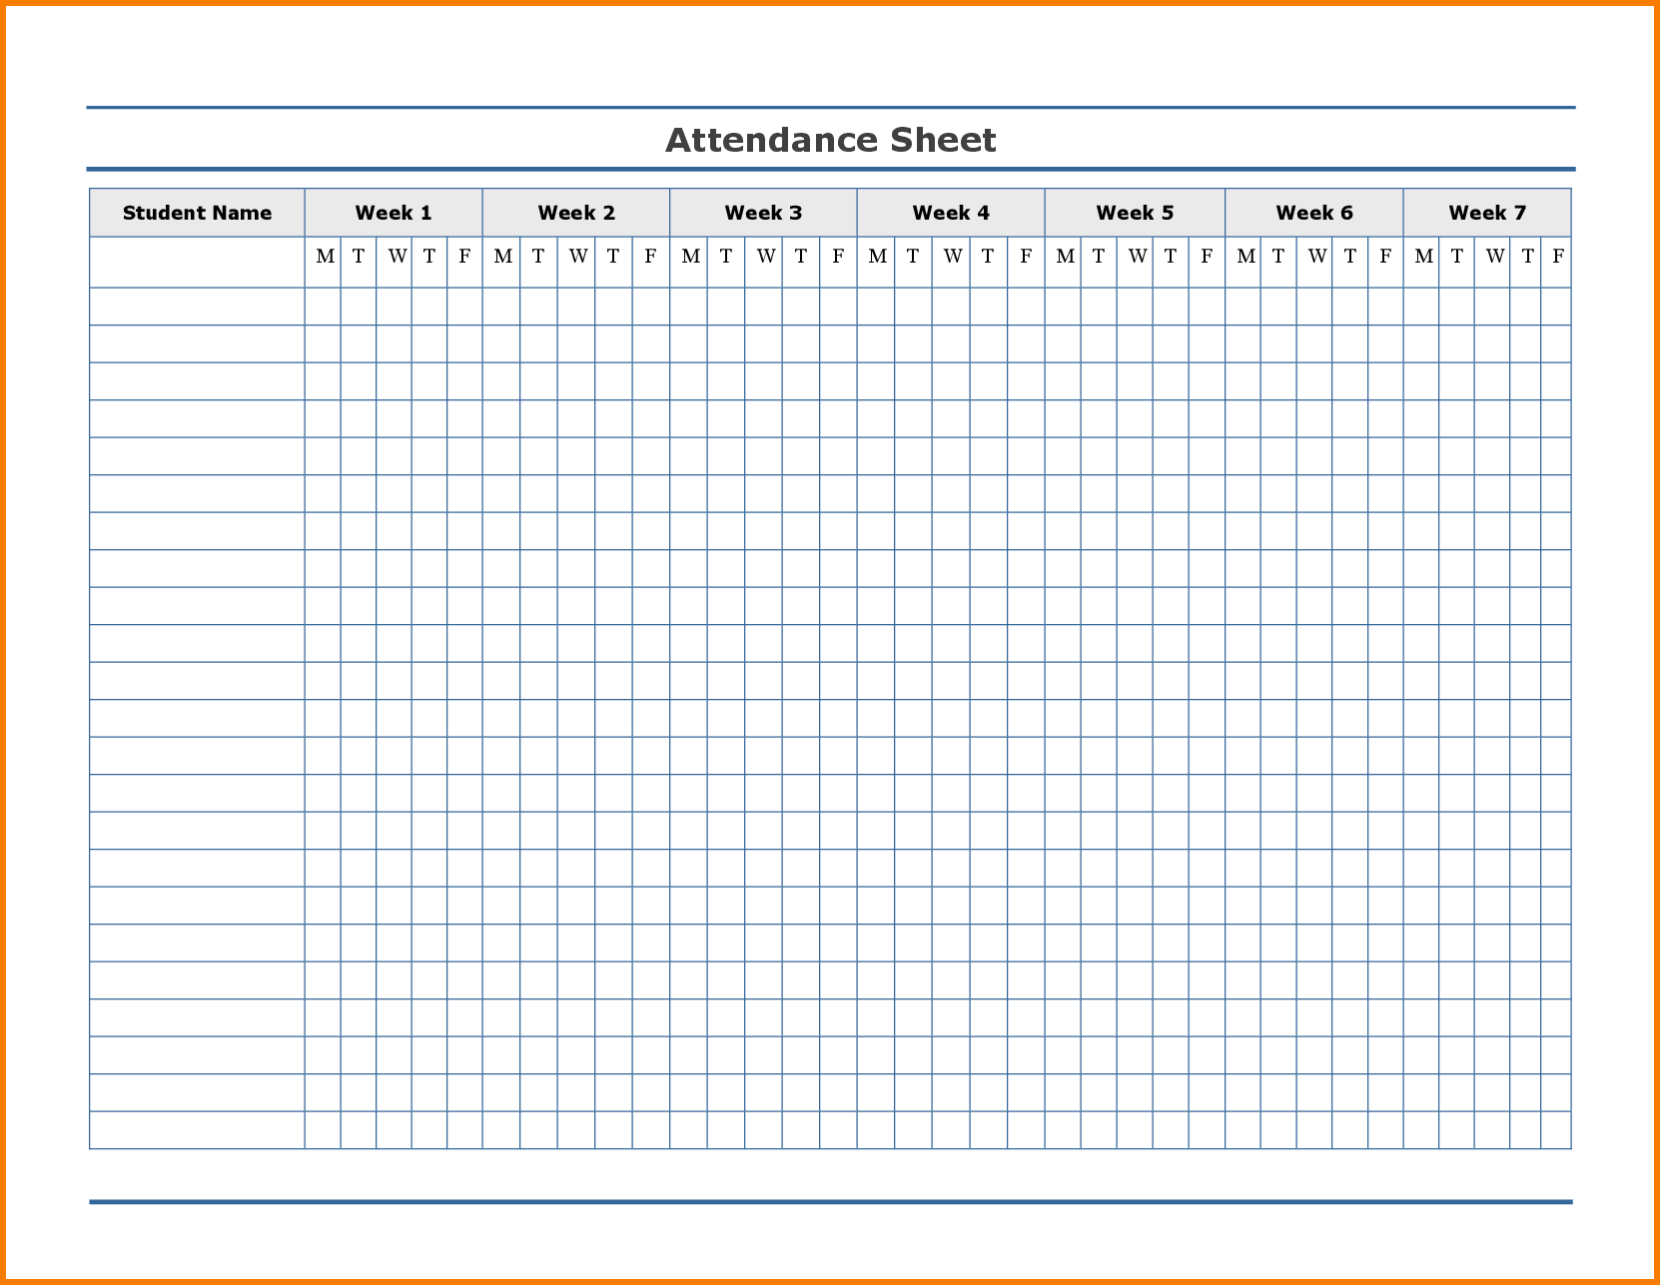 Employee Attendance Excel Sheet | Employee Attendance Sheet within Printable Employee Attendance Calendar Template